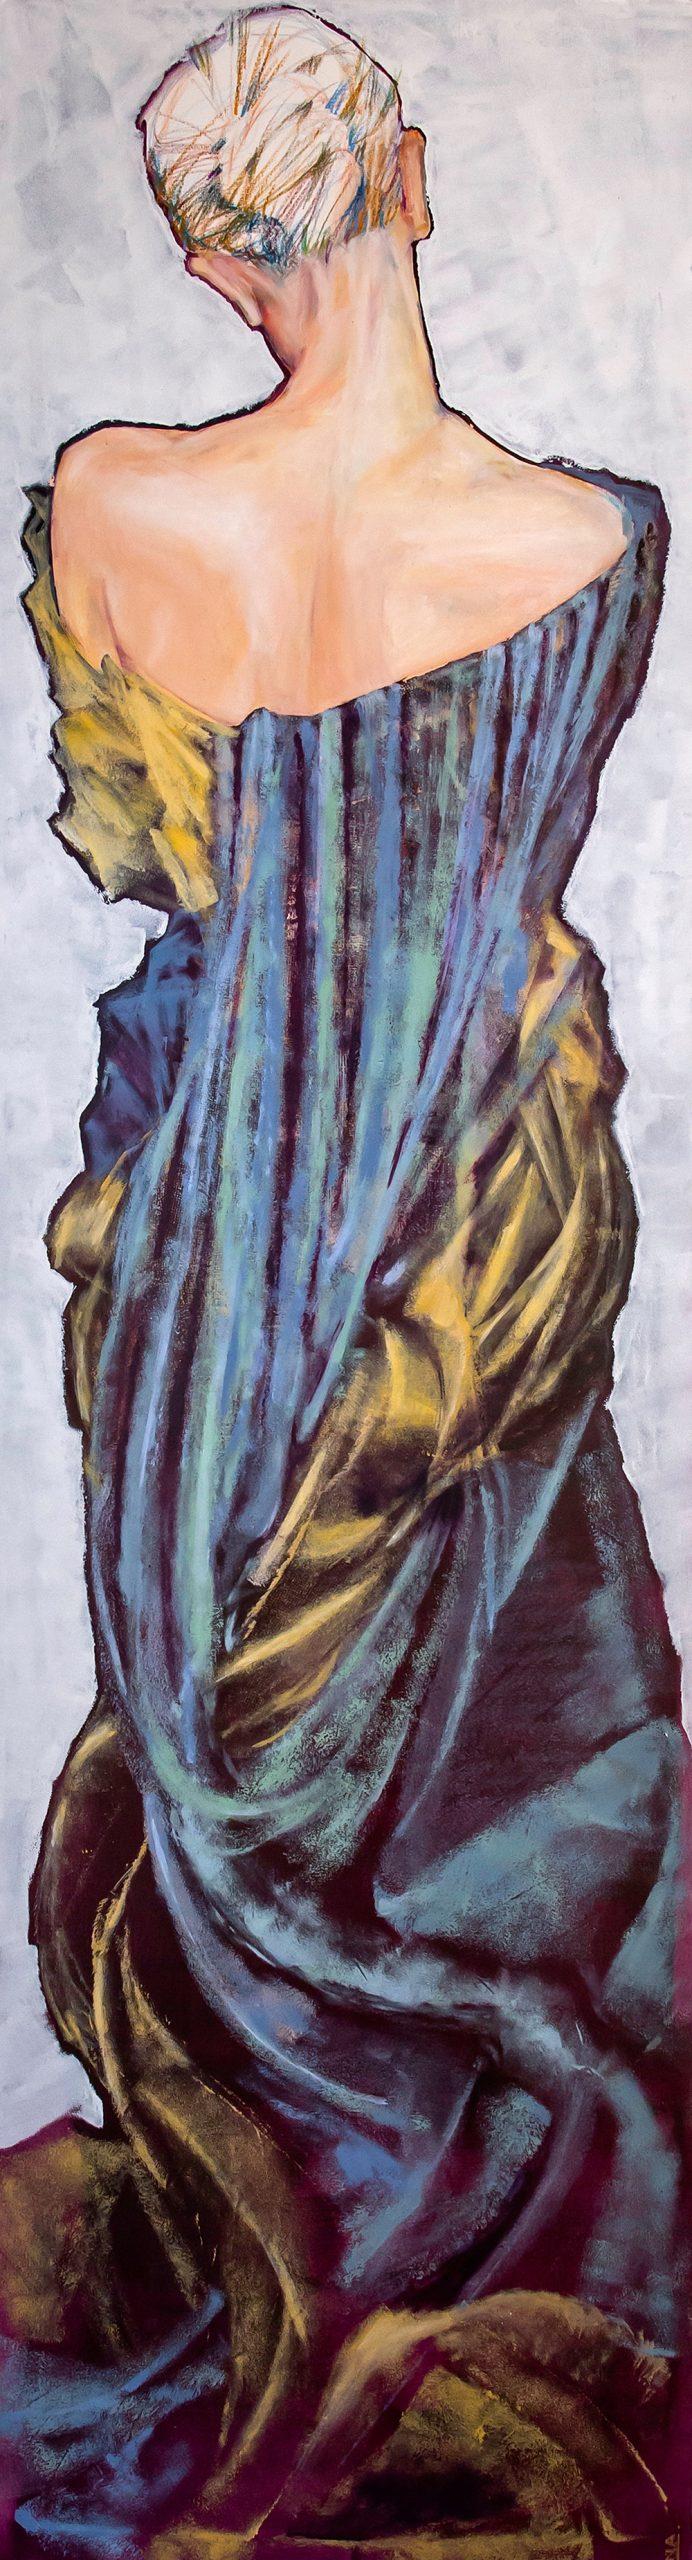 Nanou Autin, Peinture, Norma, Acrylique, pastels, crayon sur toile marouflée, support bois cintré (piétement tubulaire acier ou platine accroche murale), 60×220 cm – 2016